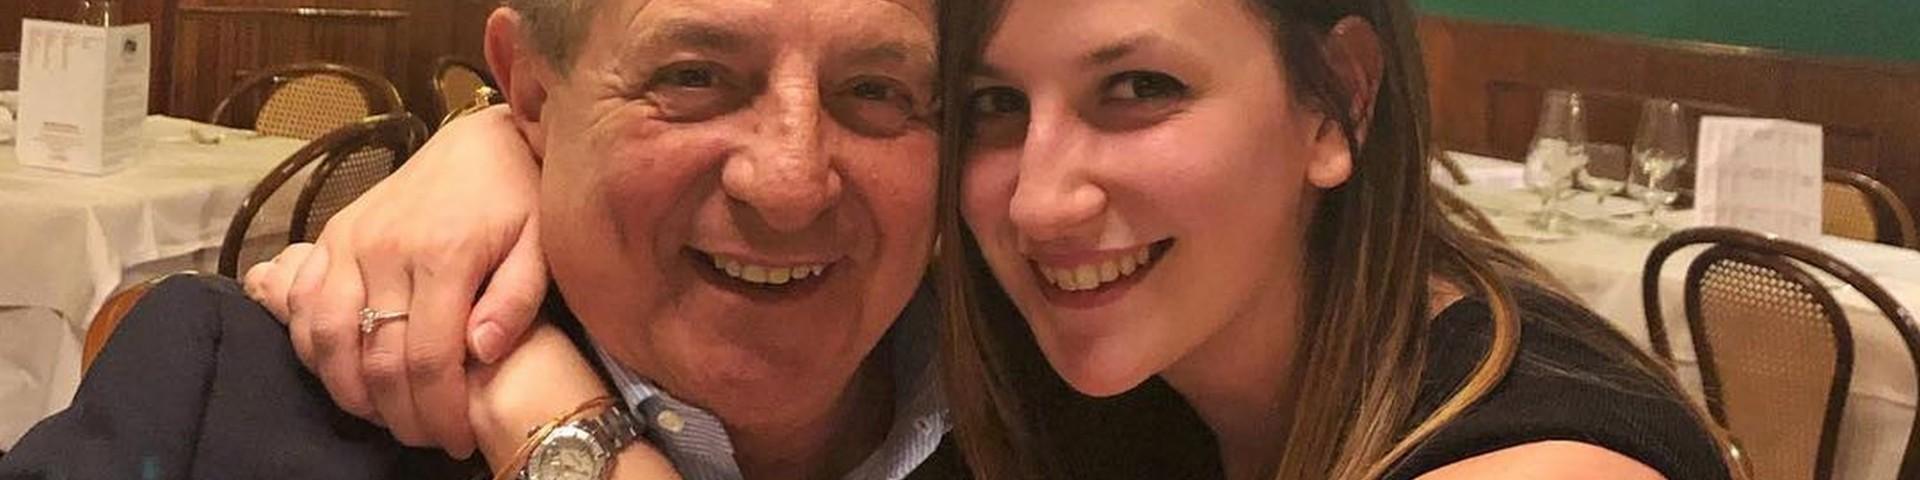 Magalli fidanzato con Giada Fusaro di 22 anni? La verità in un lungo post